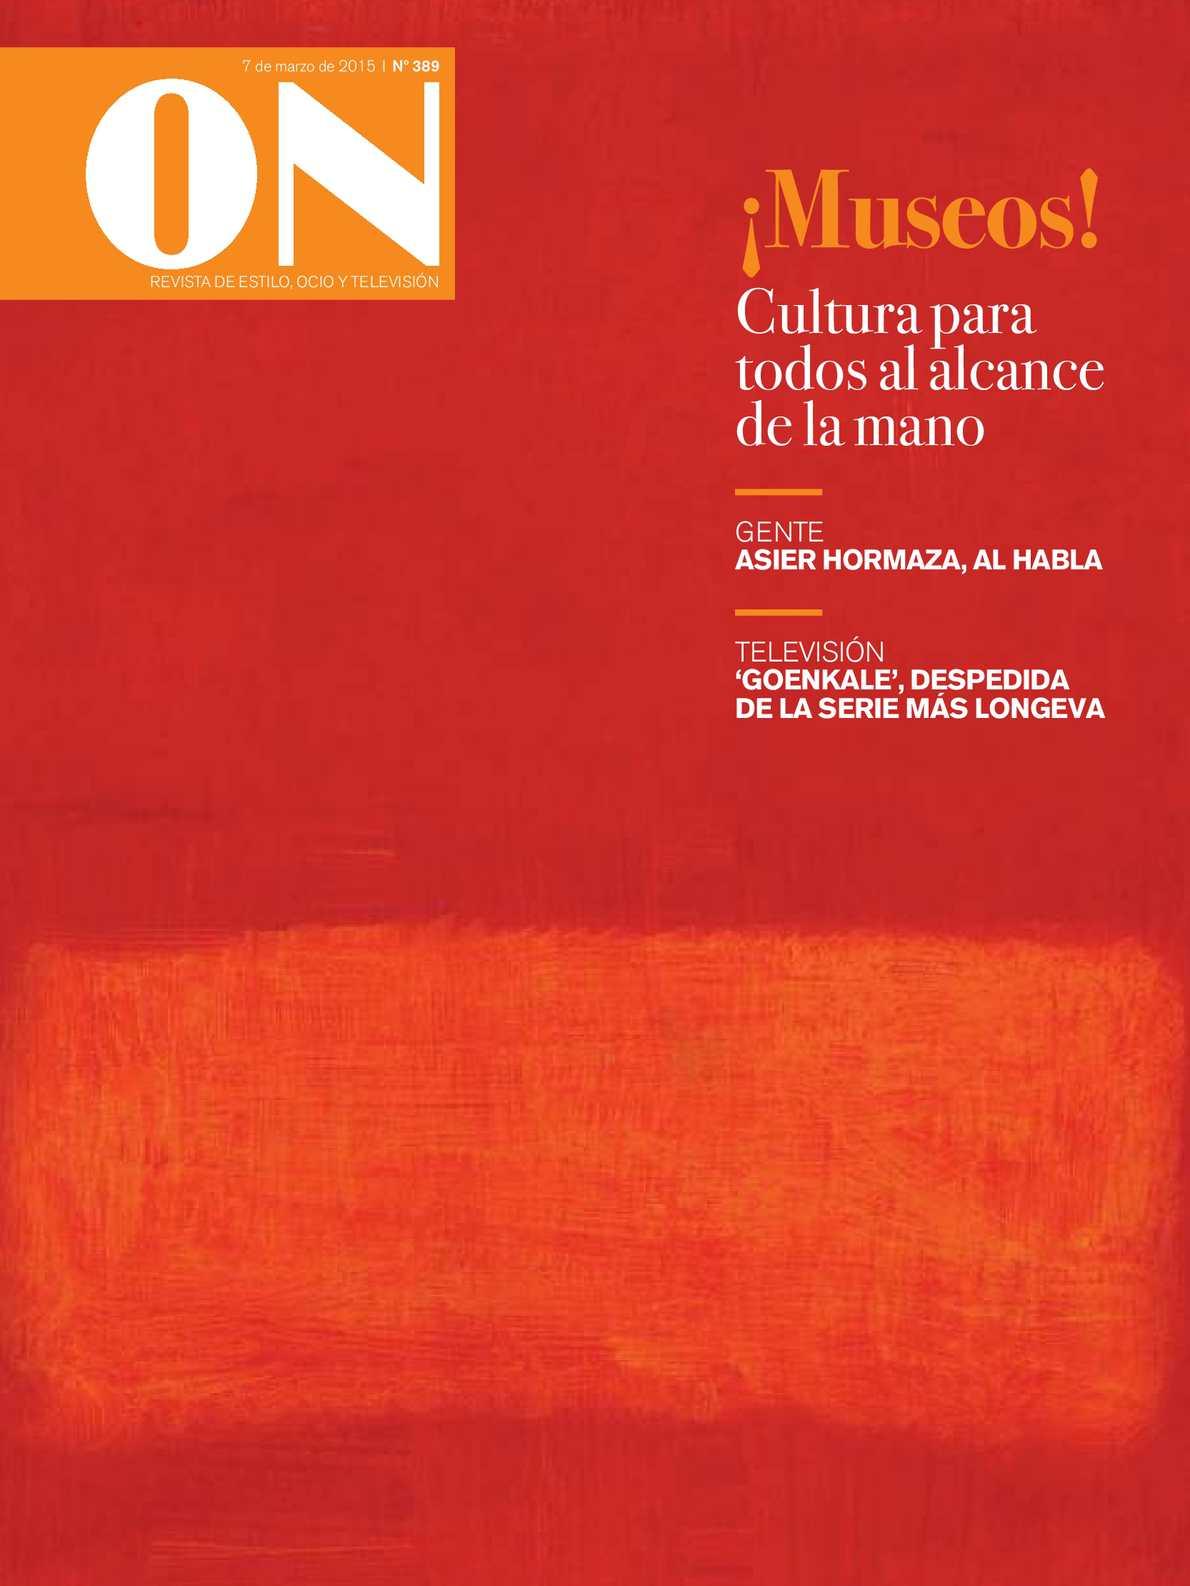 20150307 De Estilo On Ocio Calaméo Revista Y pqSUGVzM